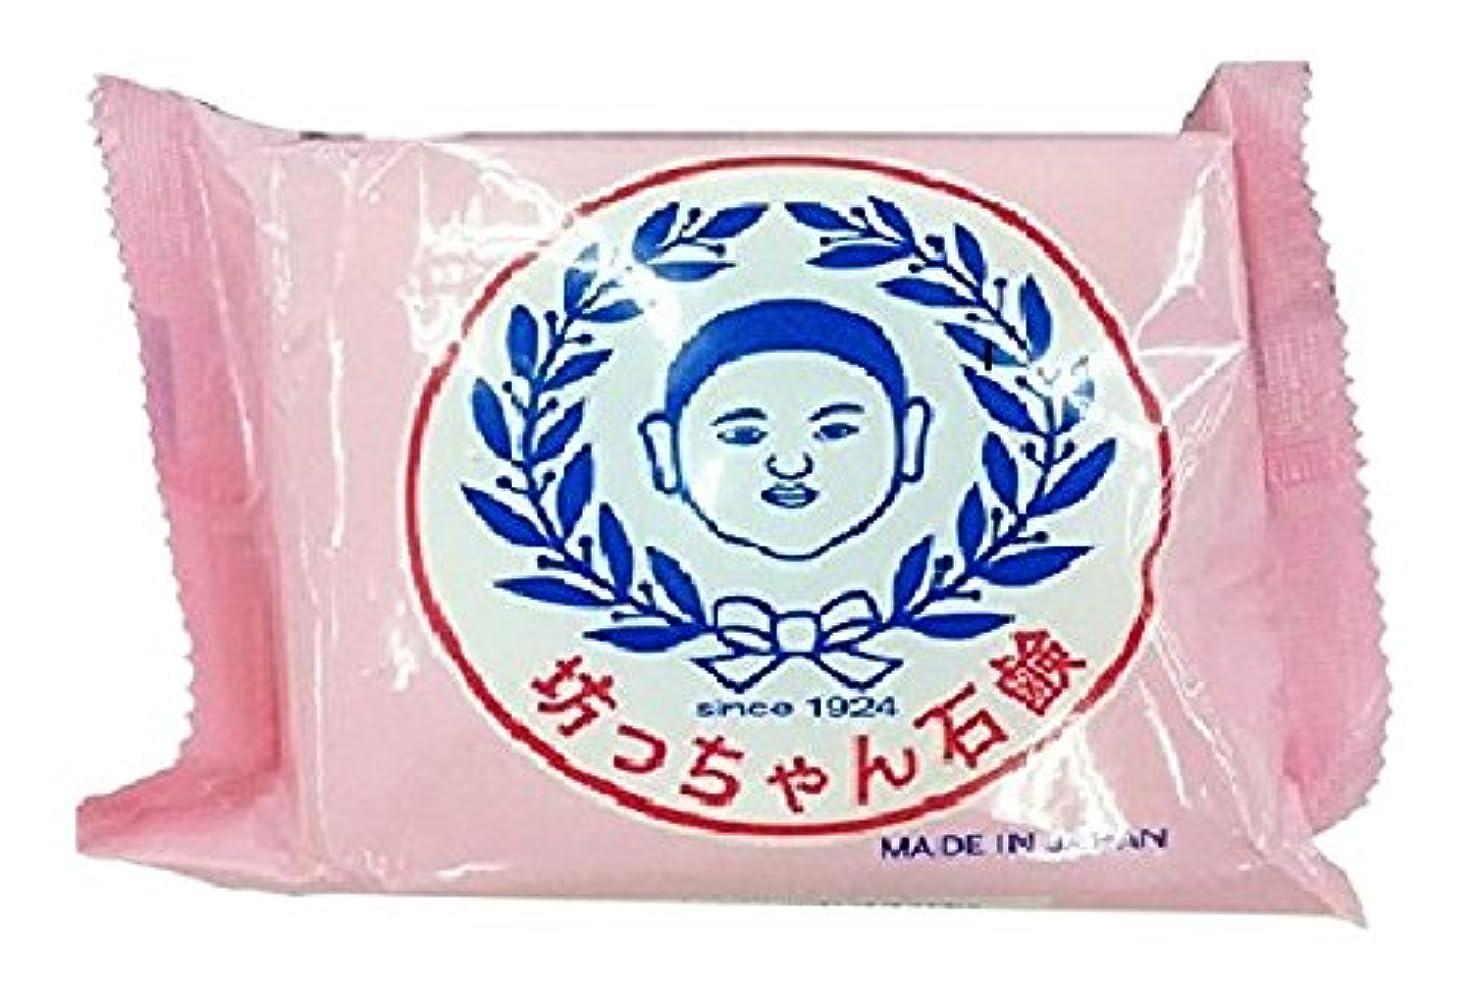 ラジエーター種ラボ坊っちゃん石鹸 釜出し一番 175g